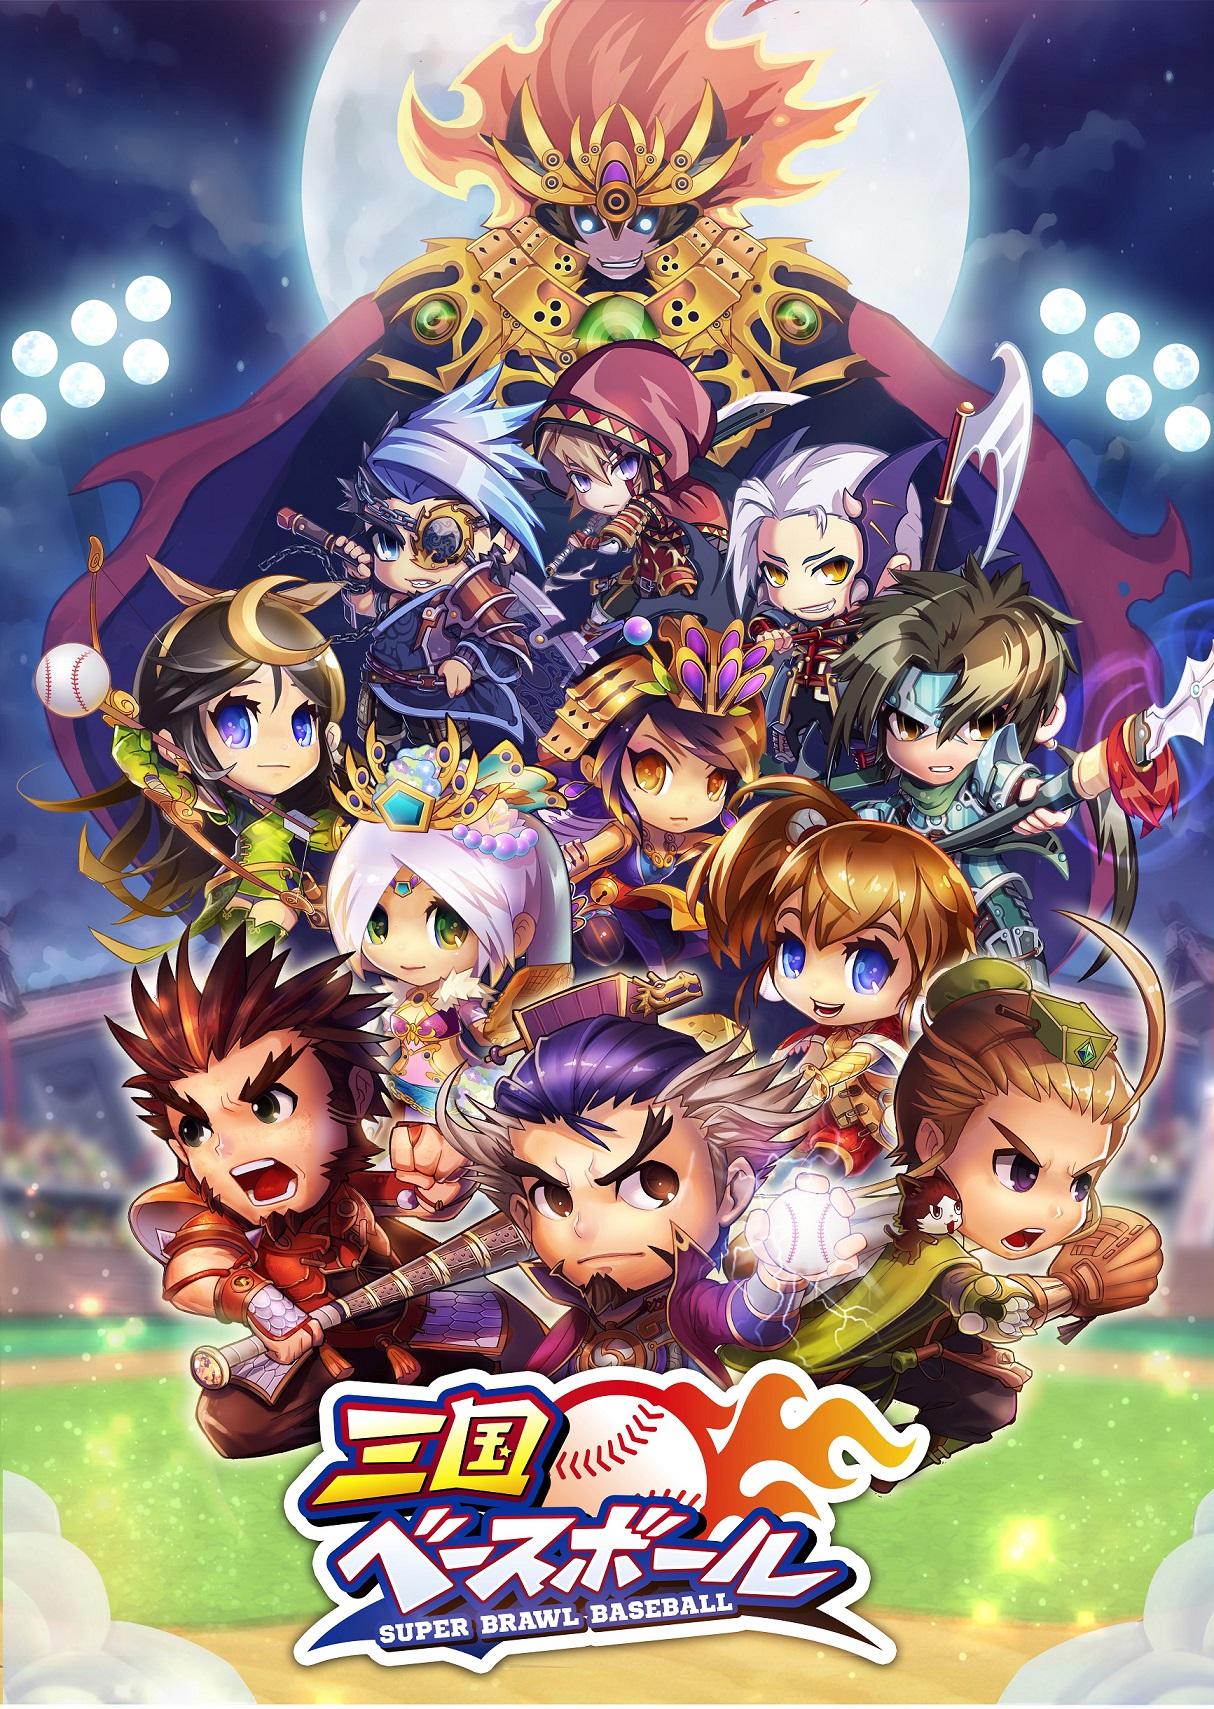 ブラウザ野球カードゲーム『三国ベースボール』7月8日プレイボール!